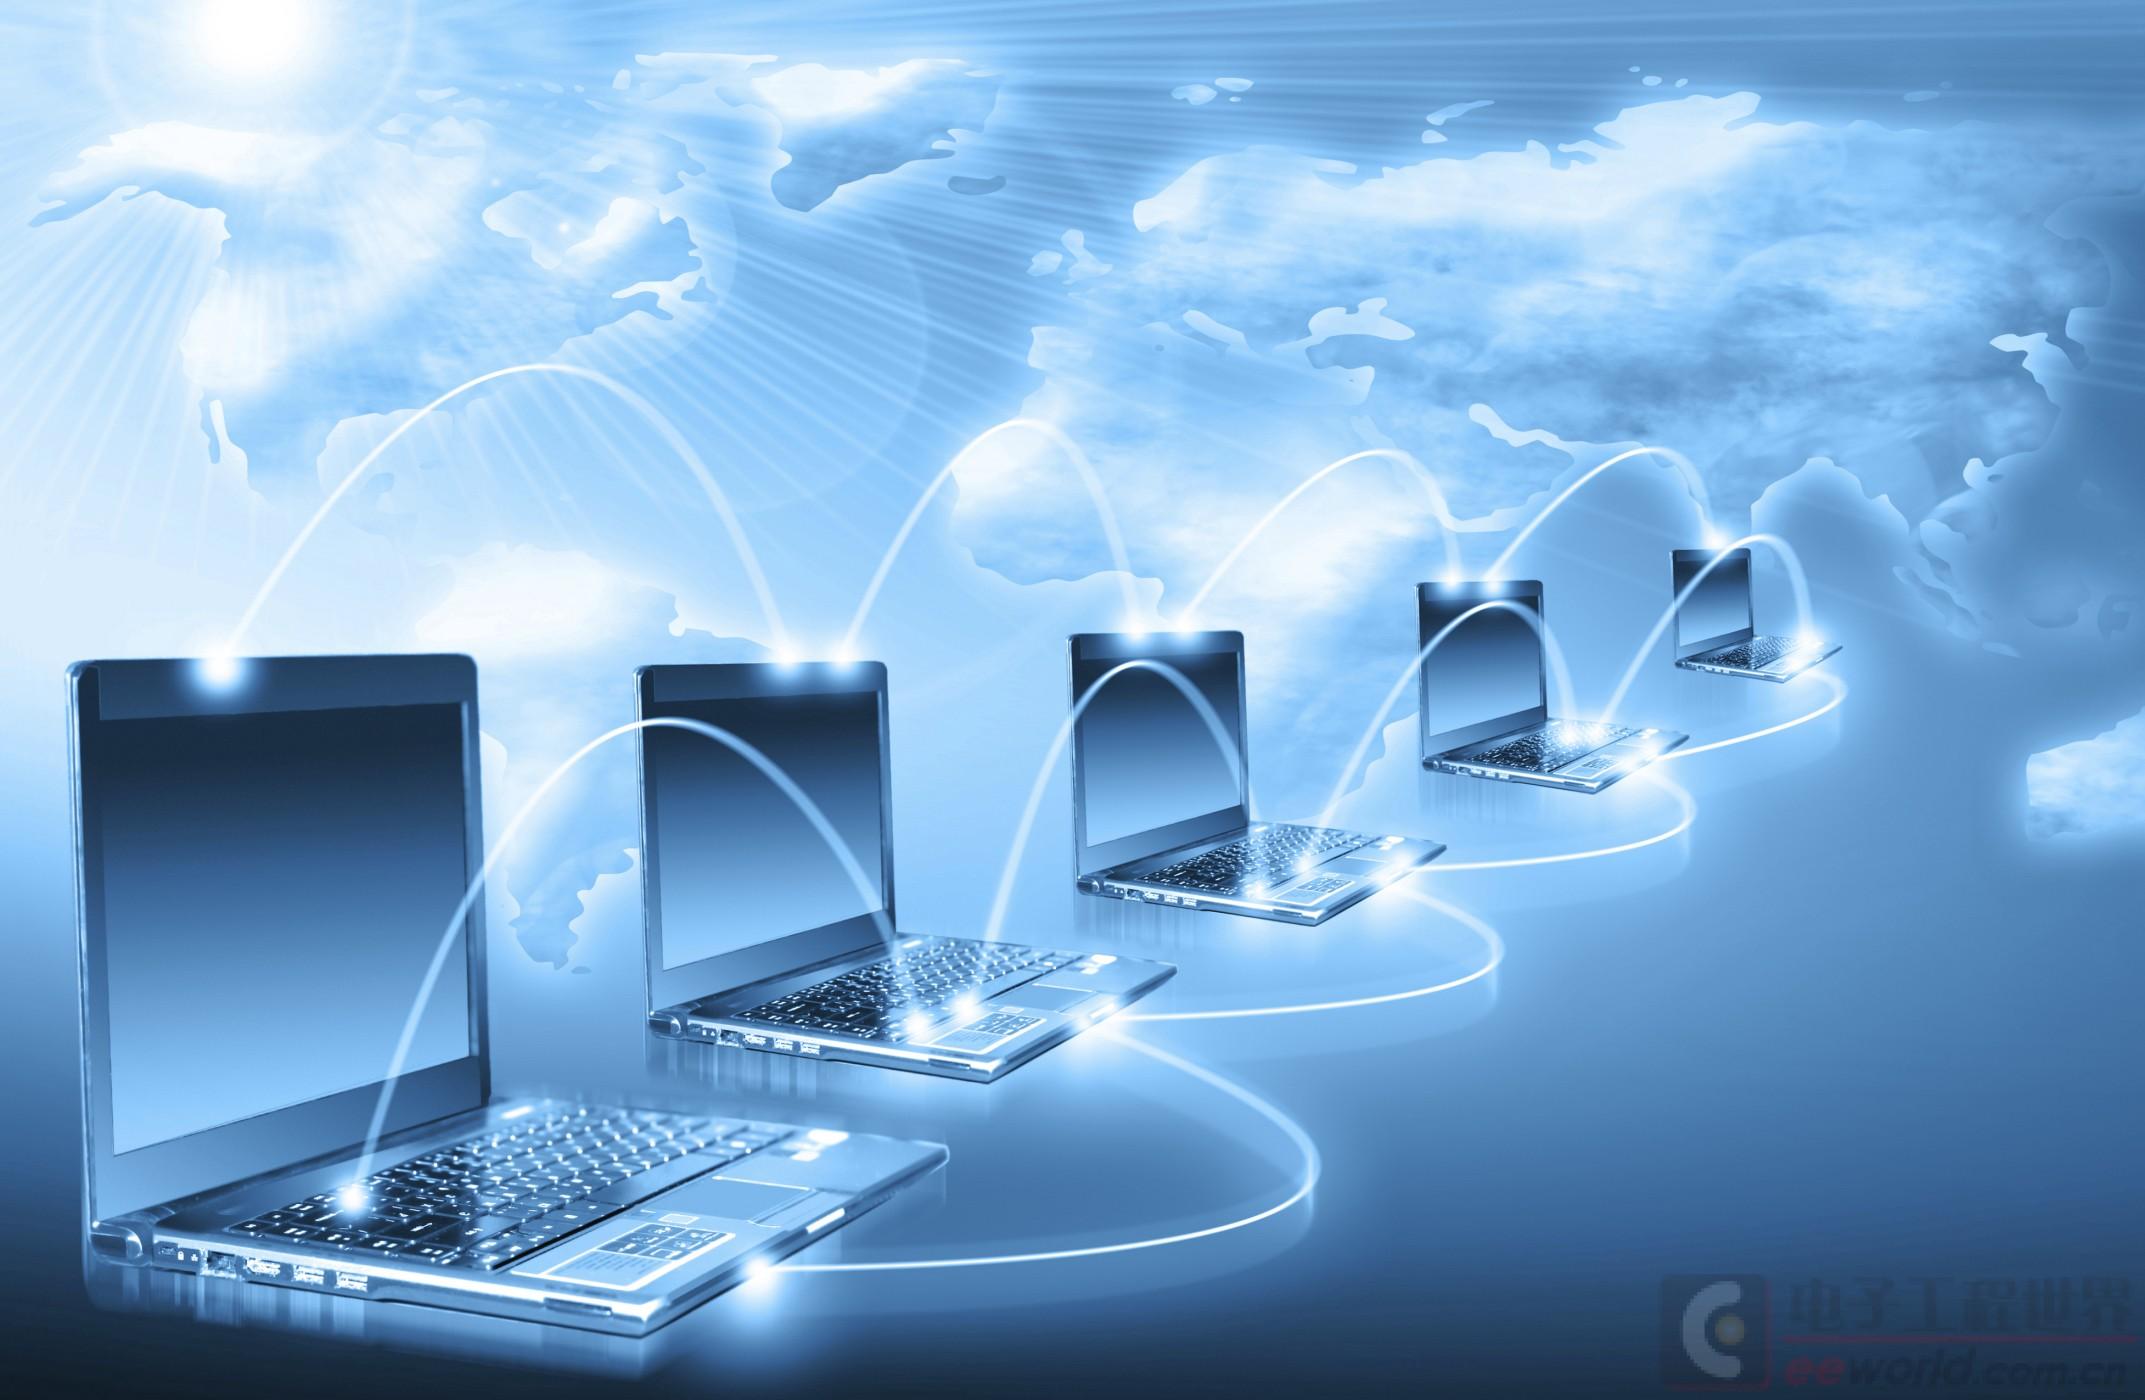 互联网人才拥有这三大特点,就有可能改变世界